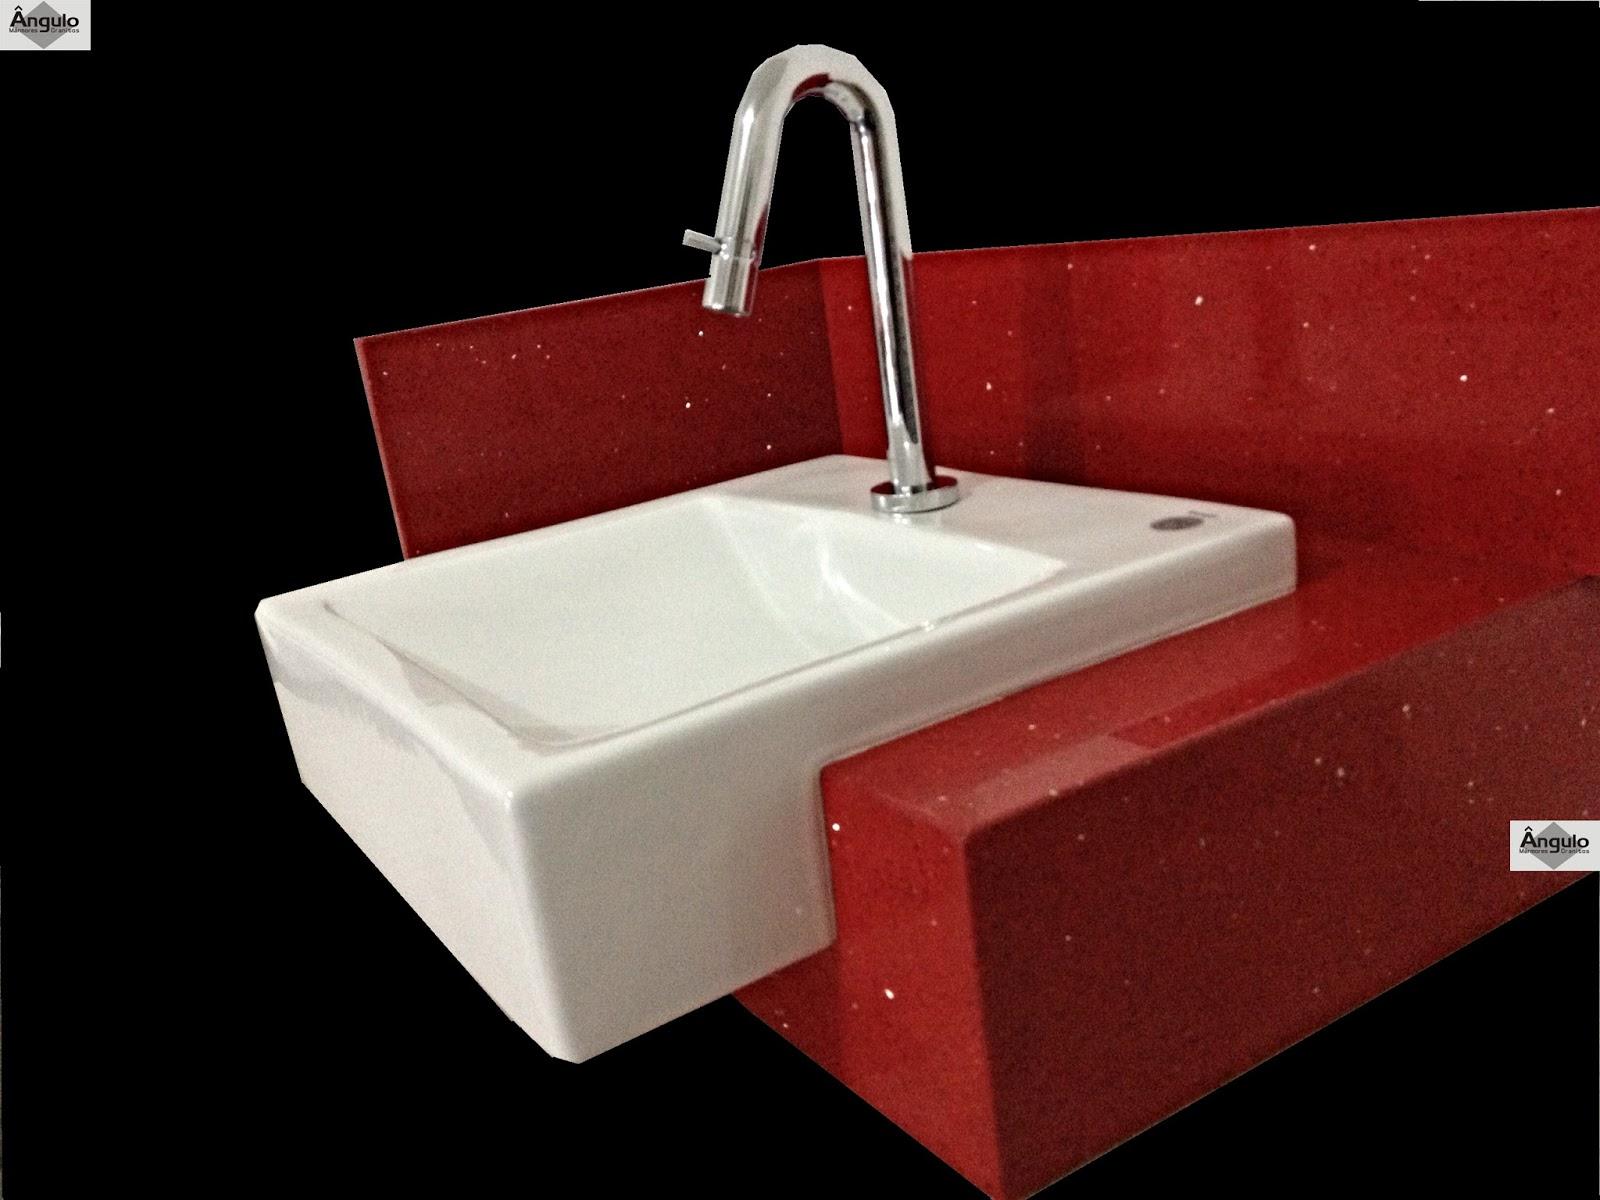 veja outros modelos de pia para escolher a ideal para o seu banheiro #080101 1600 1200